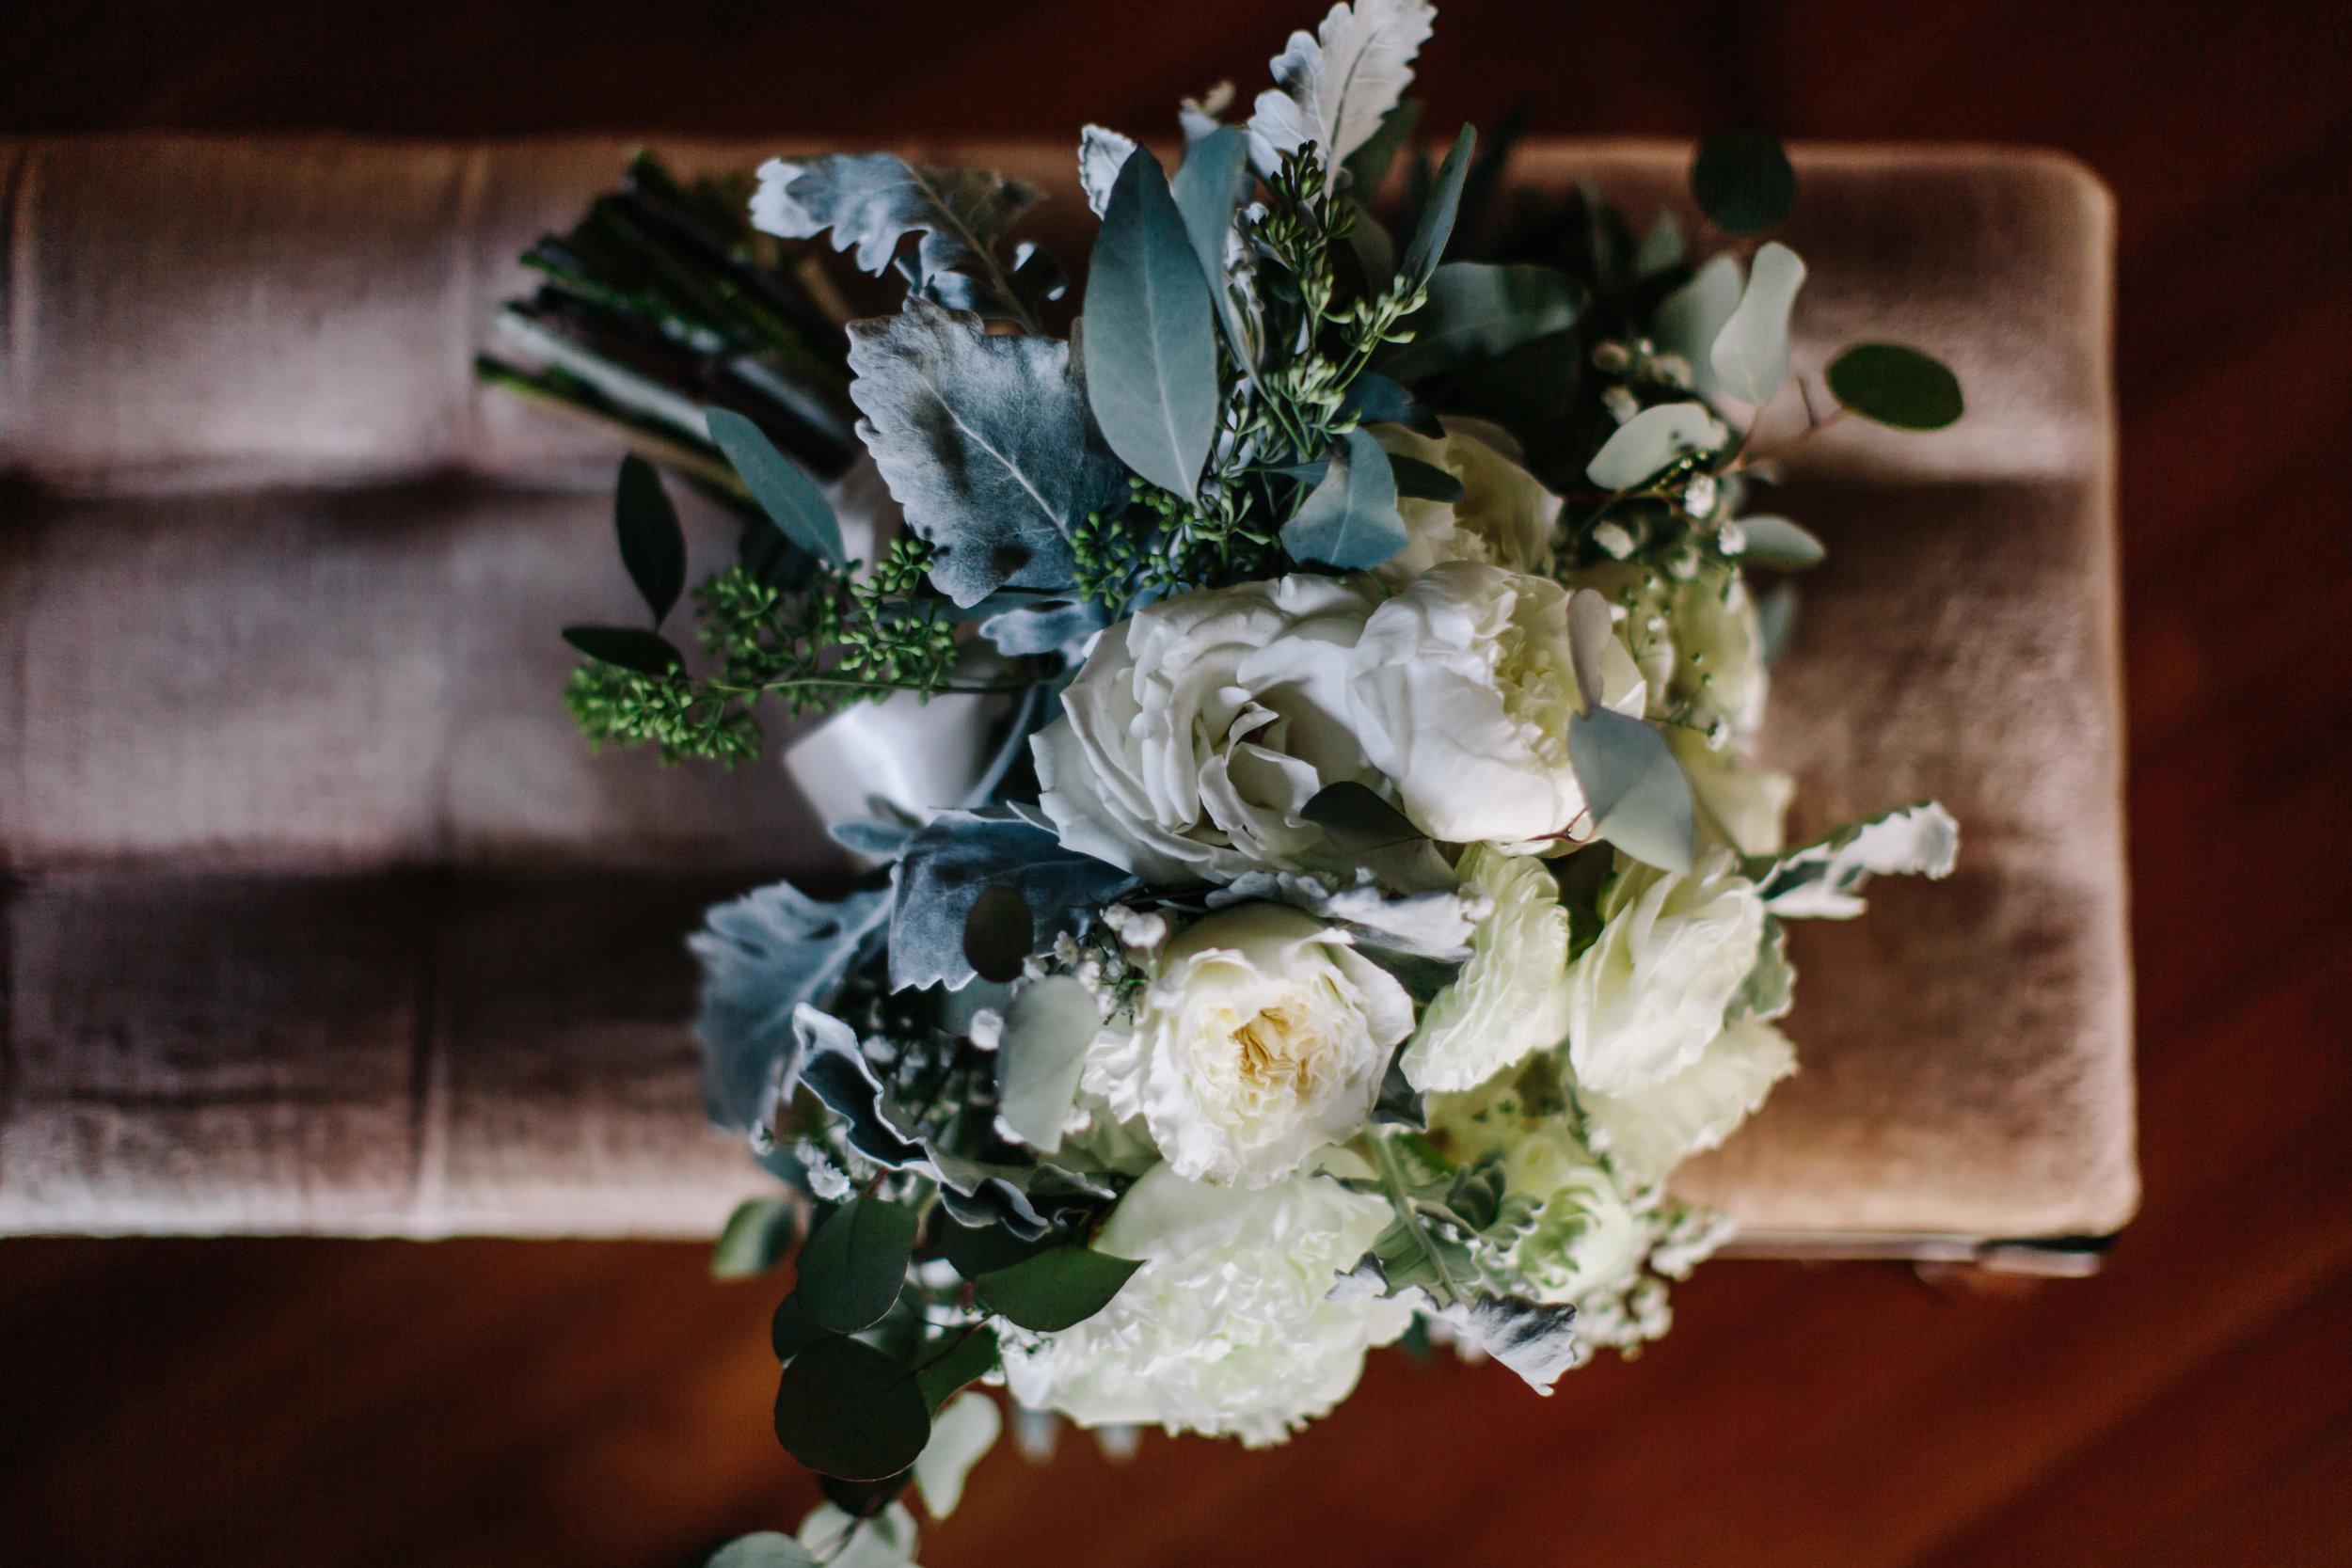 2018.02.10 Mariah and Ryan Baker Estate on Halifax Wedding (240 of 1218).jpg